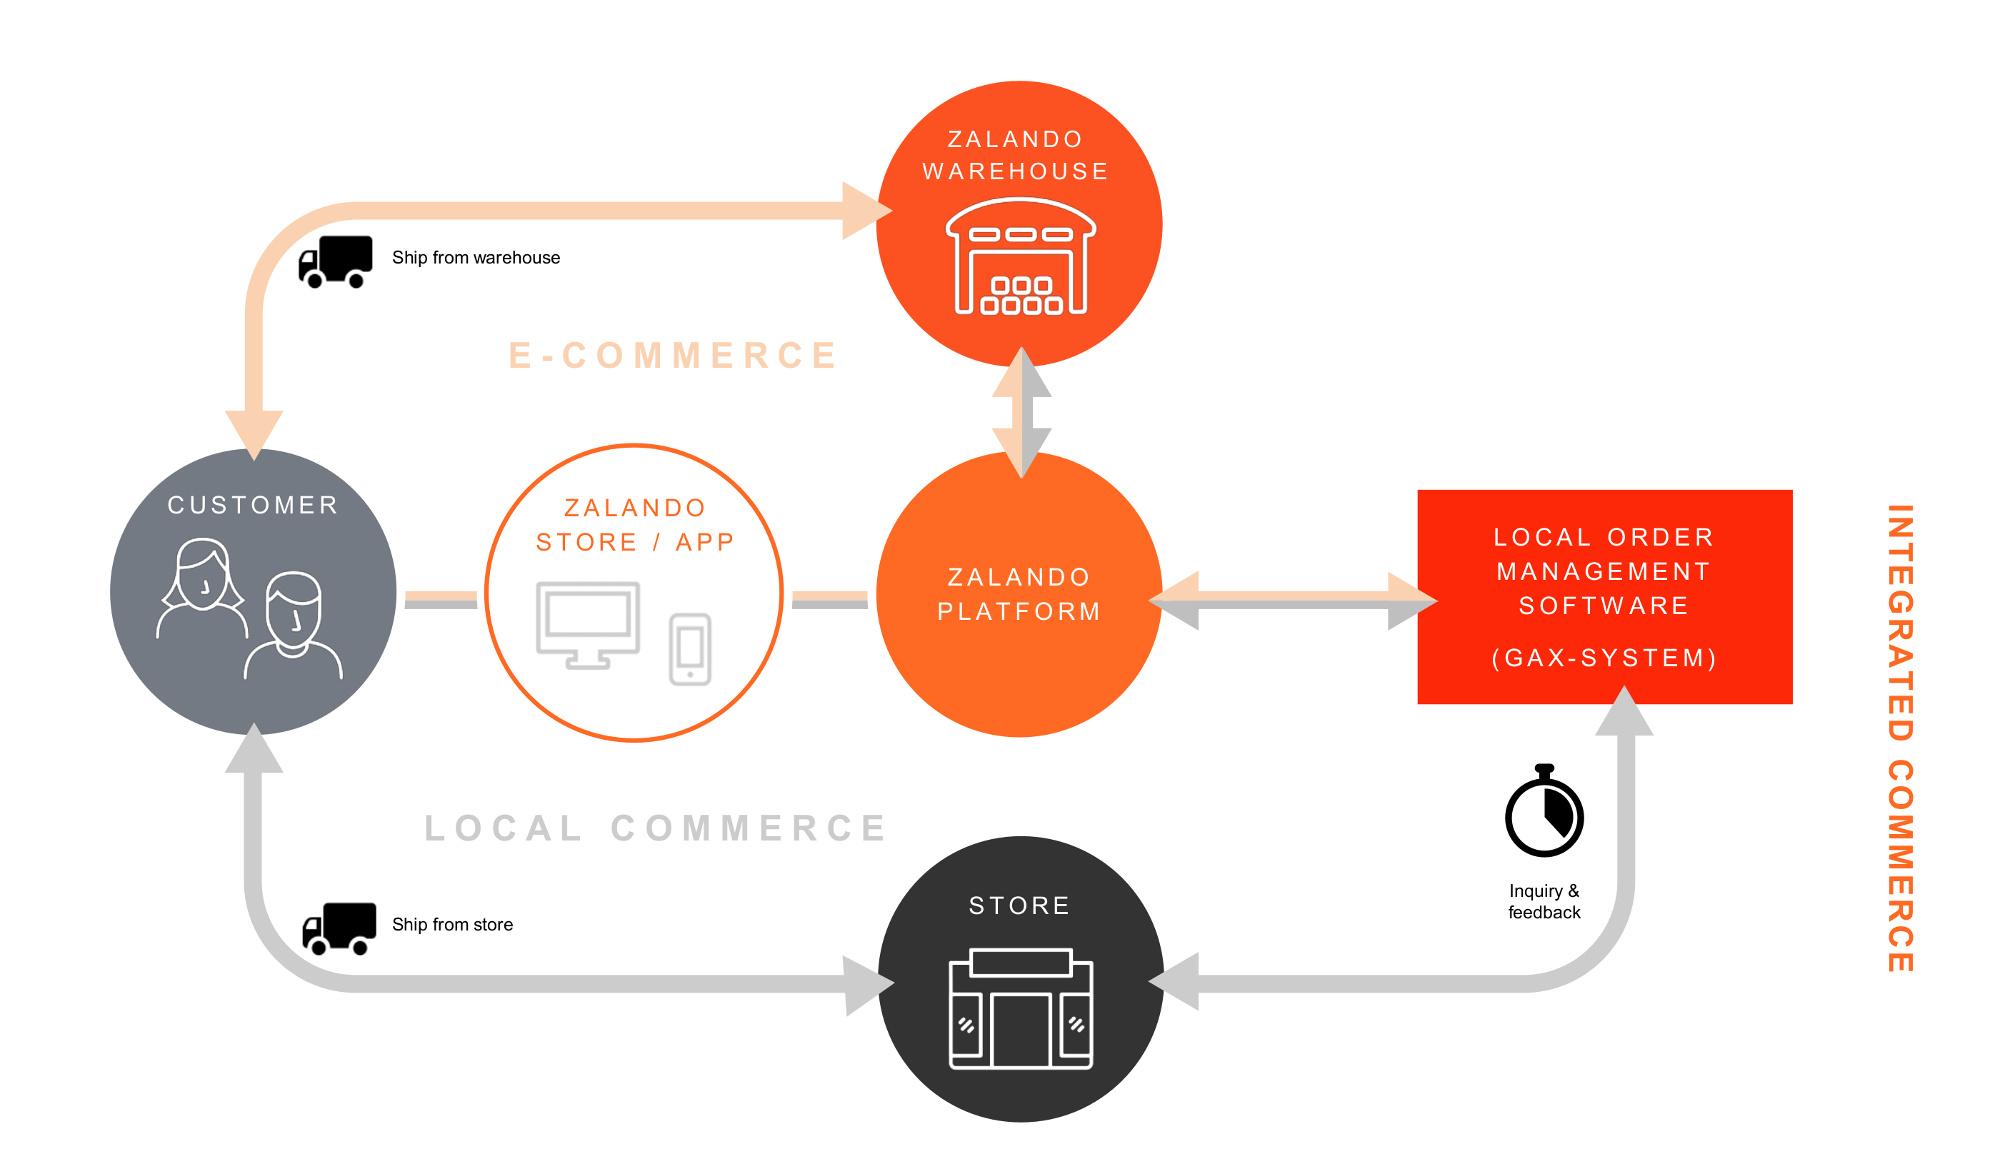 """d76fbdeec8d ... di affrontare le sfide poste dalla digitalizzazione dell'industria della  moda"""", spiega Jan Bartels, VP Logistics Products per Zalando. """"Nel contesto  di ..."""